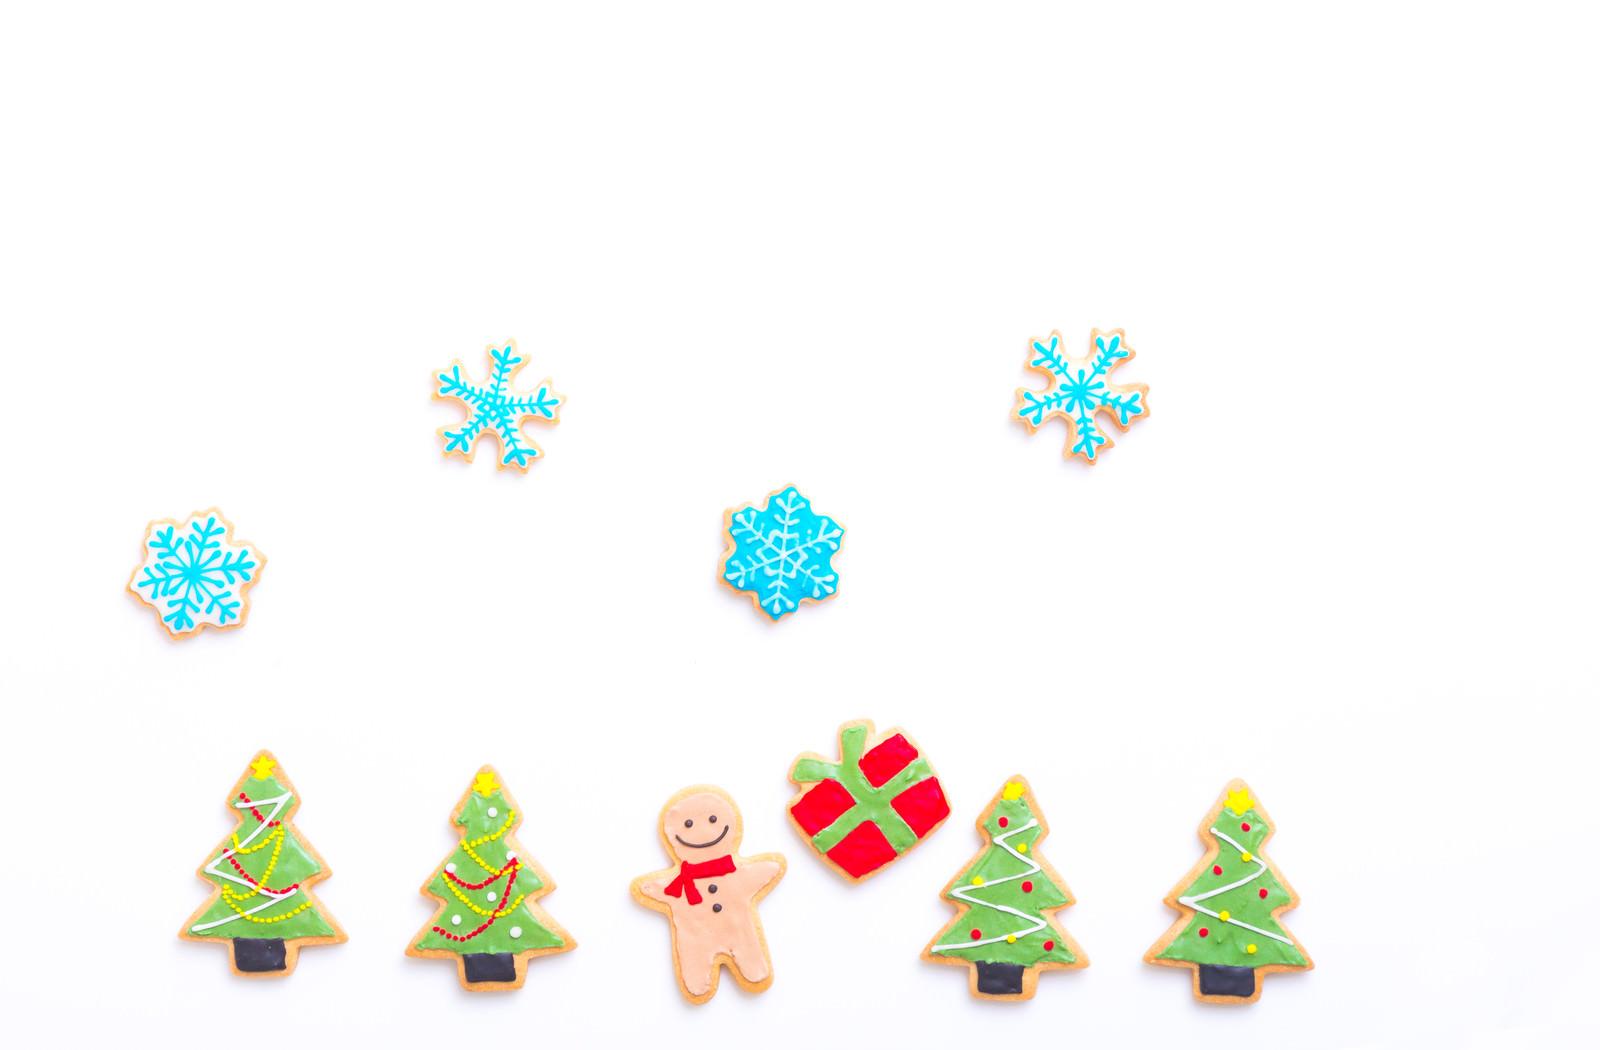 「プレゼントもらってハッピー(アイシングクッキー)」の写真